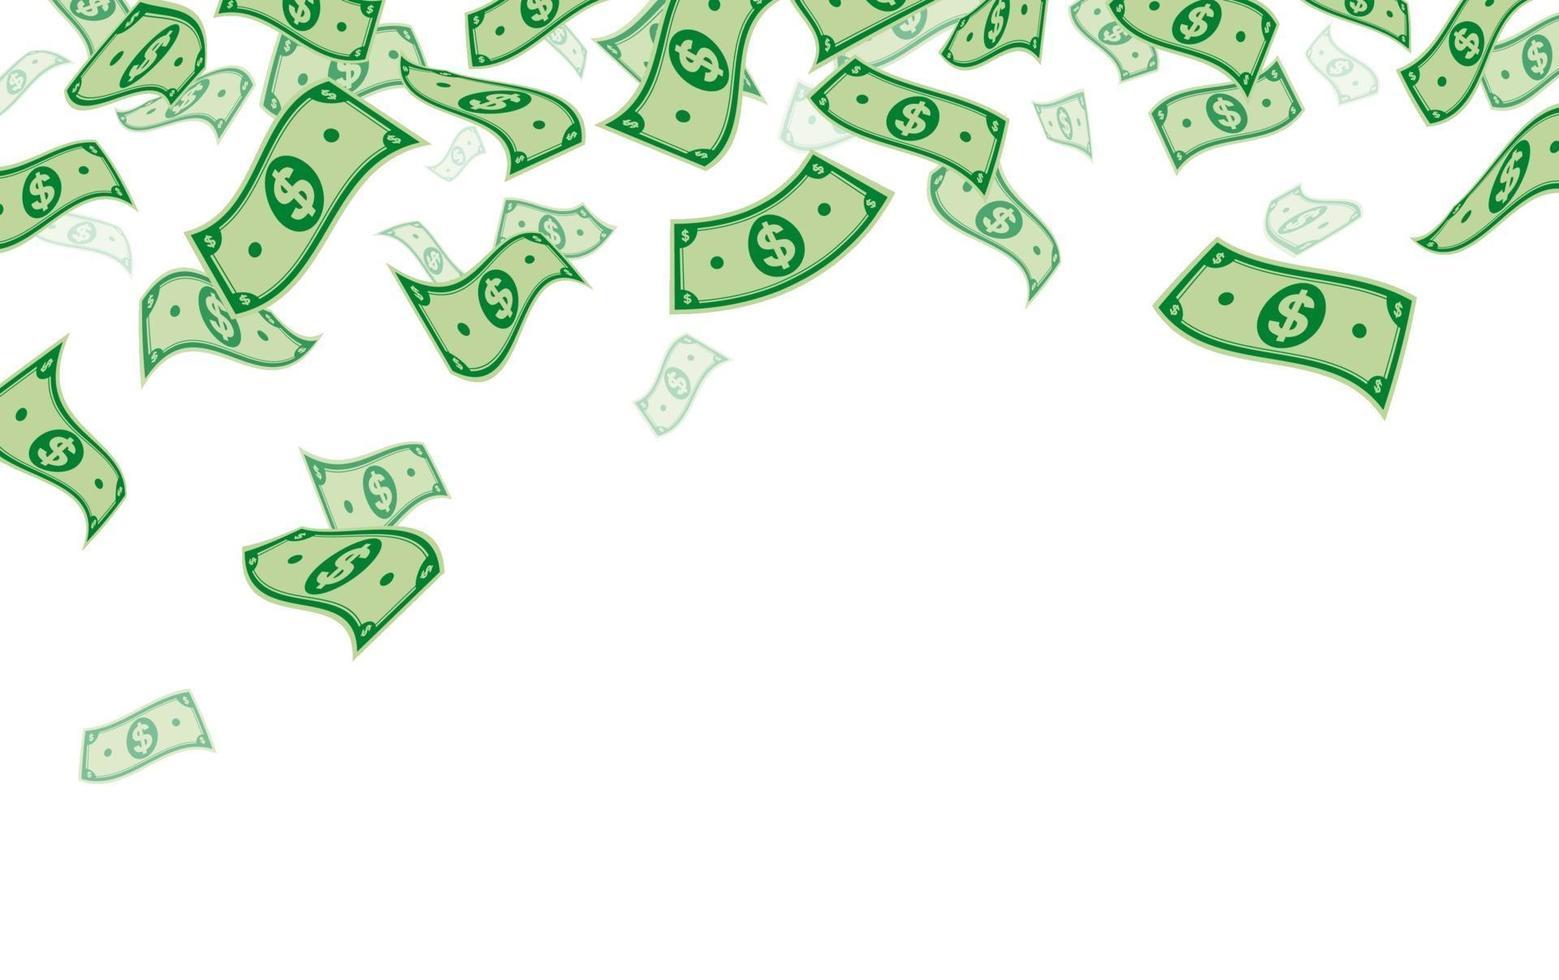 banque de dollars tombant isolé sur illustration vectorielle fond blanc vecteur